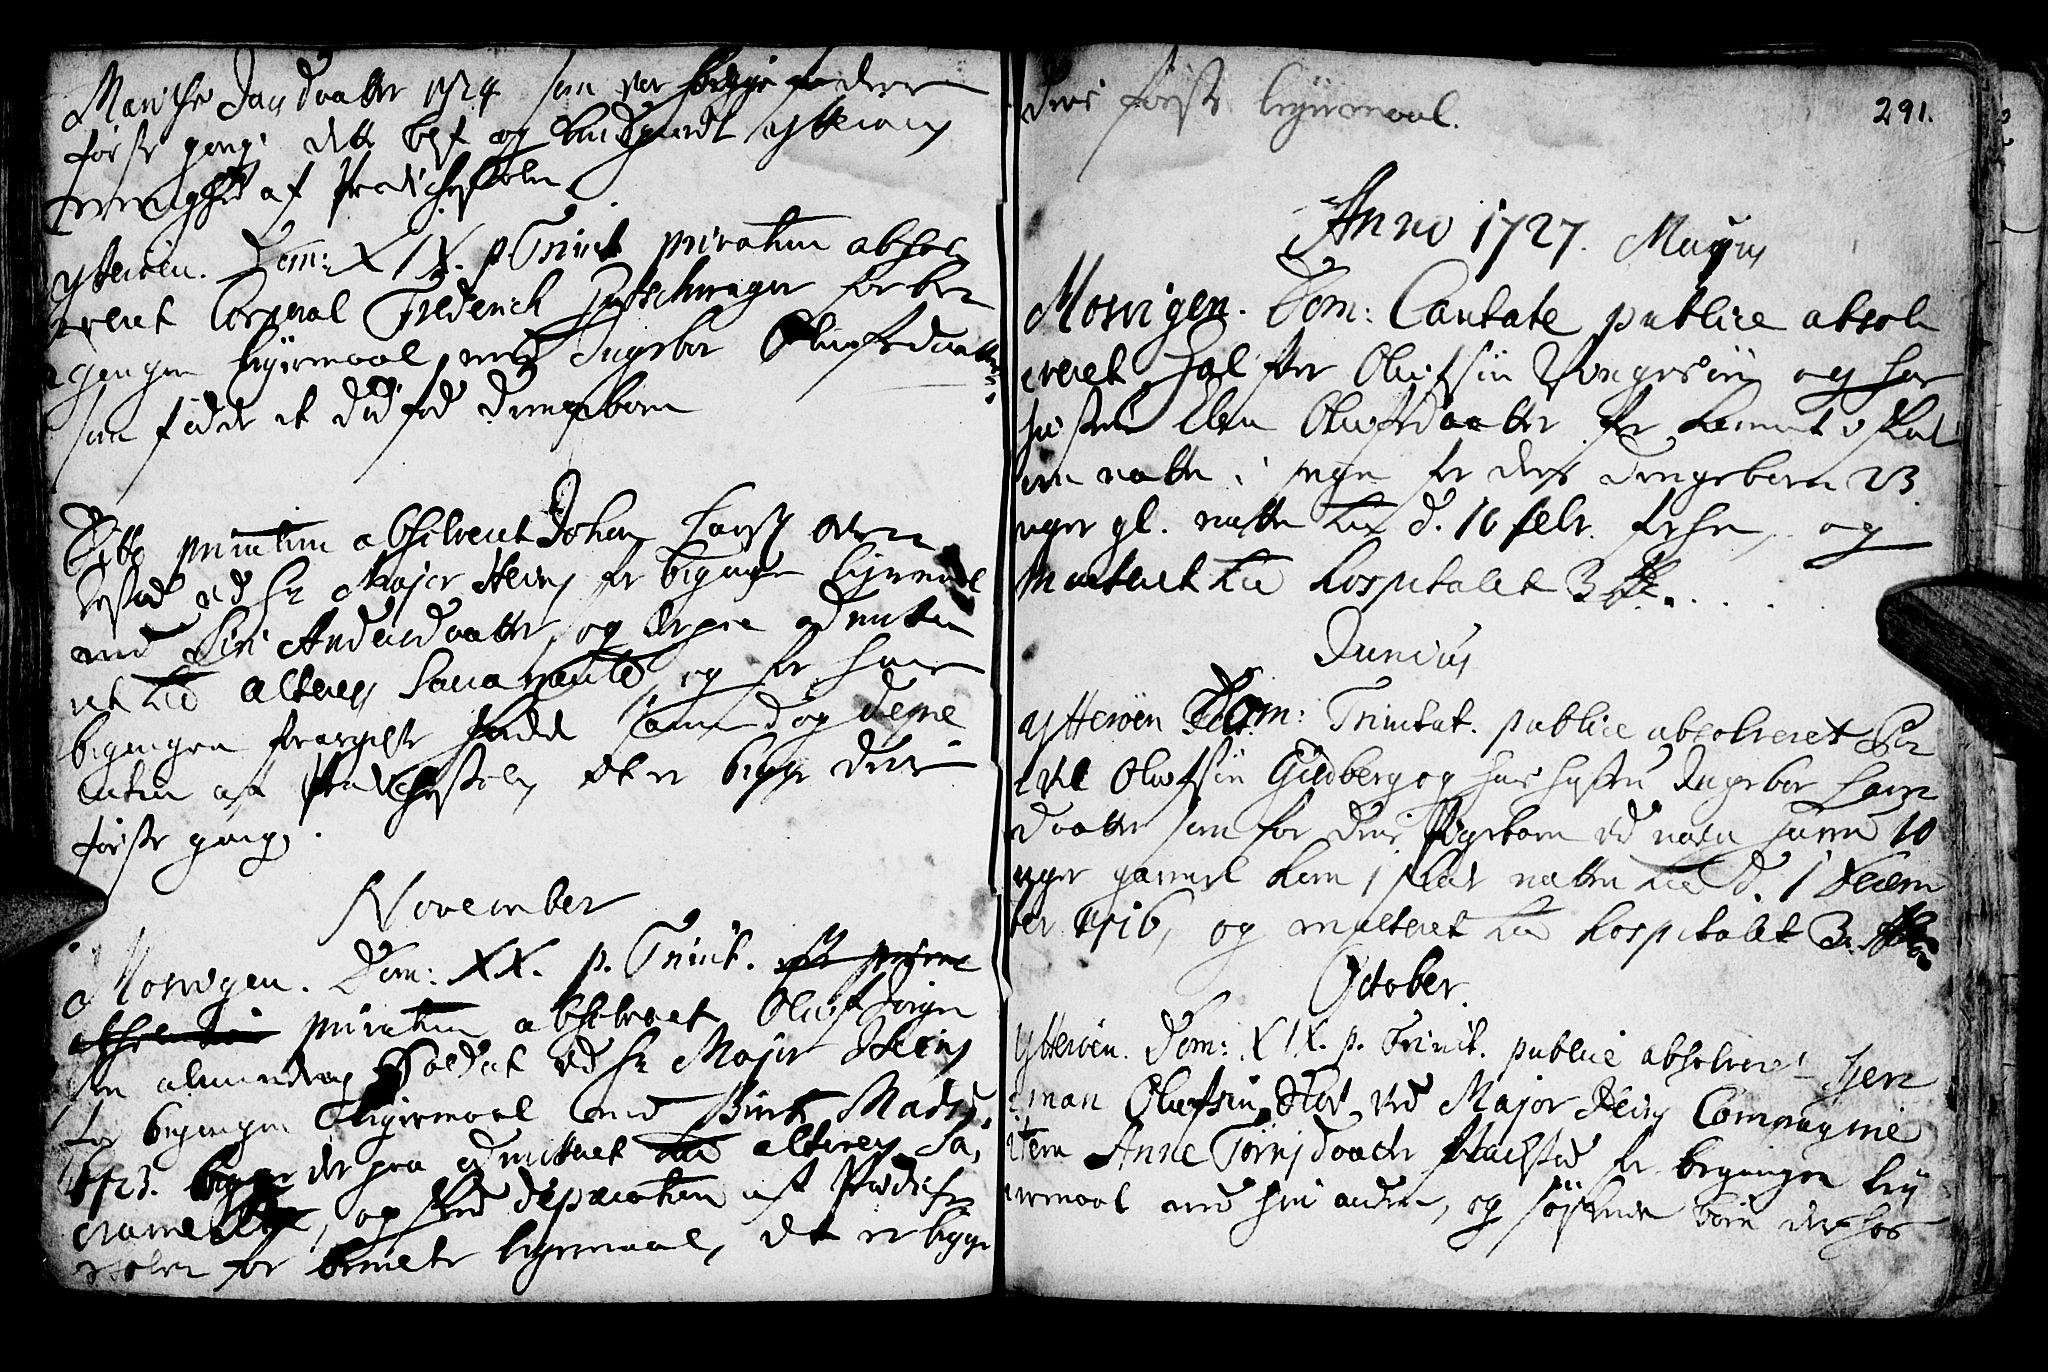 SAT, Ministerialprotokoller, klokkerbøker og fødselsregistre - Nord-Trøndelag, 722/L0215: Ministerialbok nr. 722A02, 1718-1755, s. 291